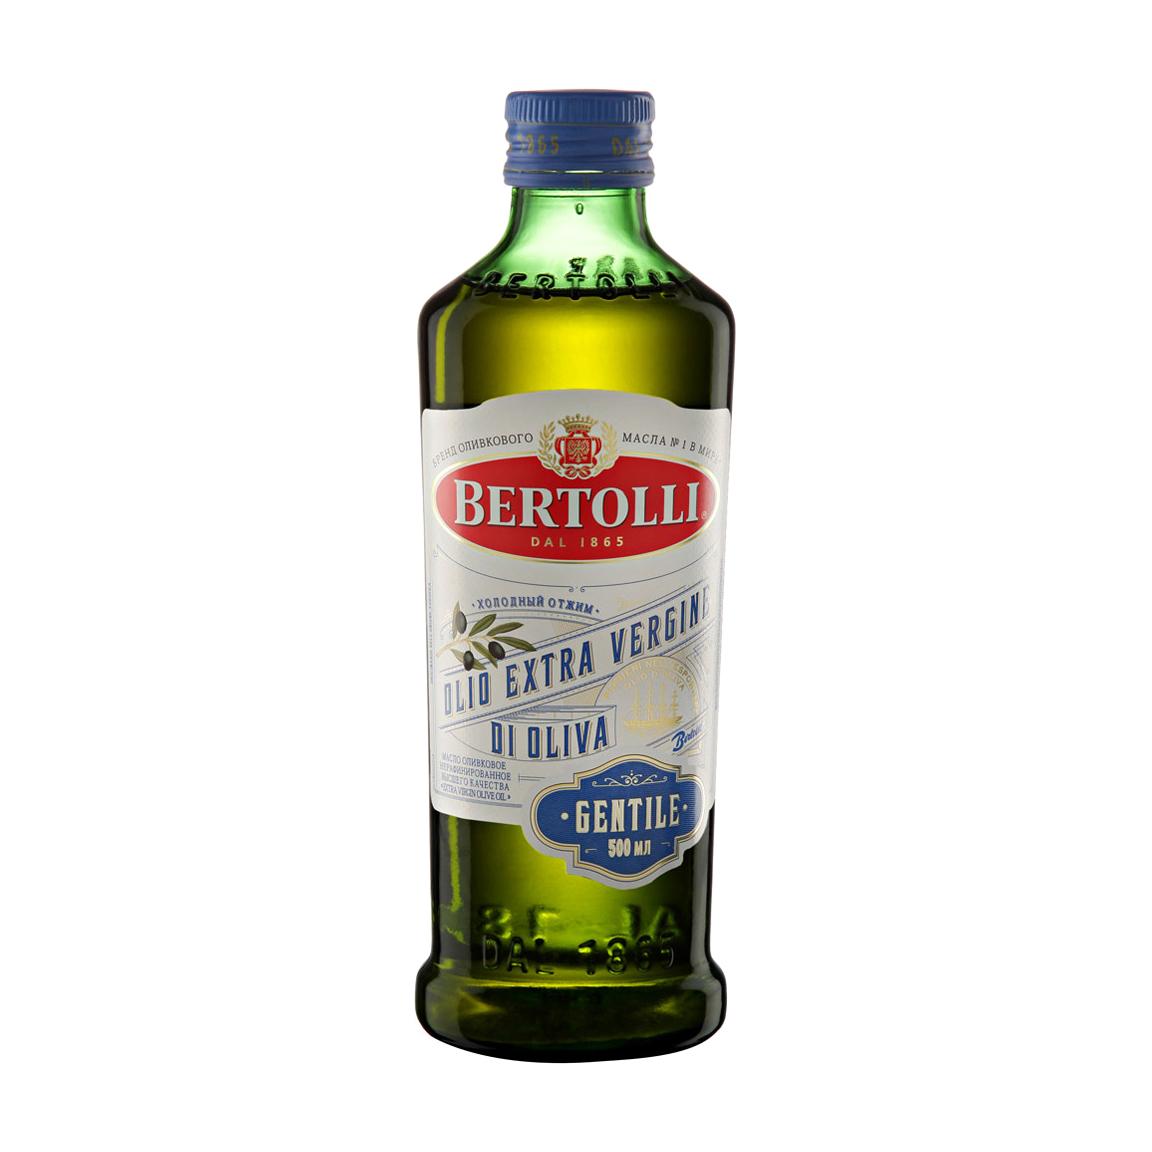 Фото - Масло оливковое Bertolli Originale нерафинированное 0,5 л originale 3427 130 20 57 27